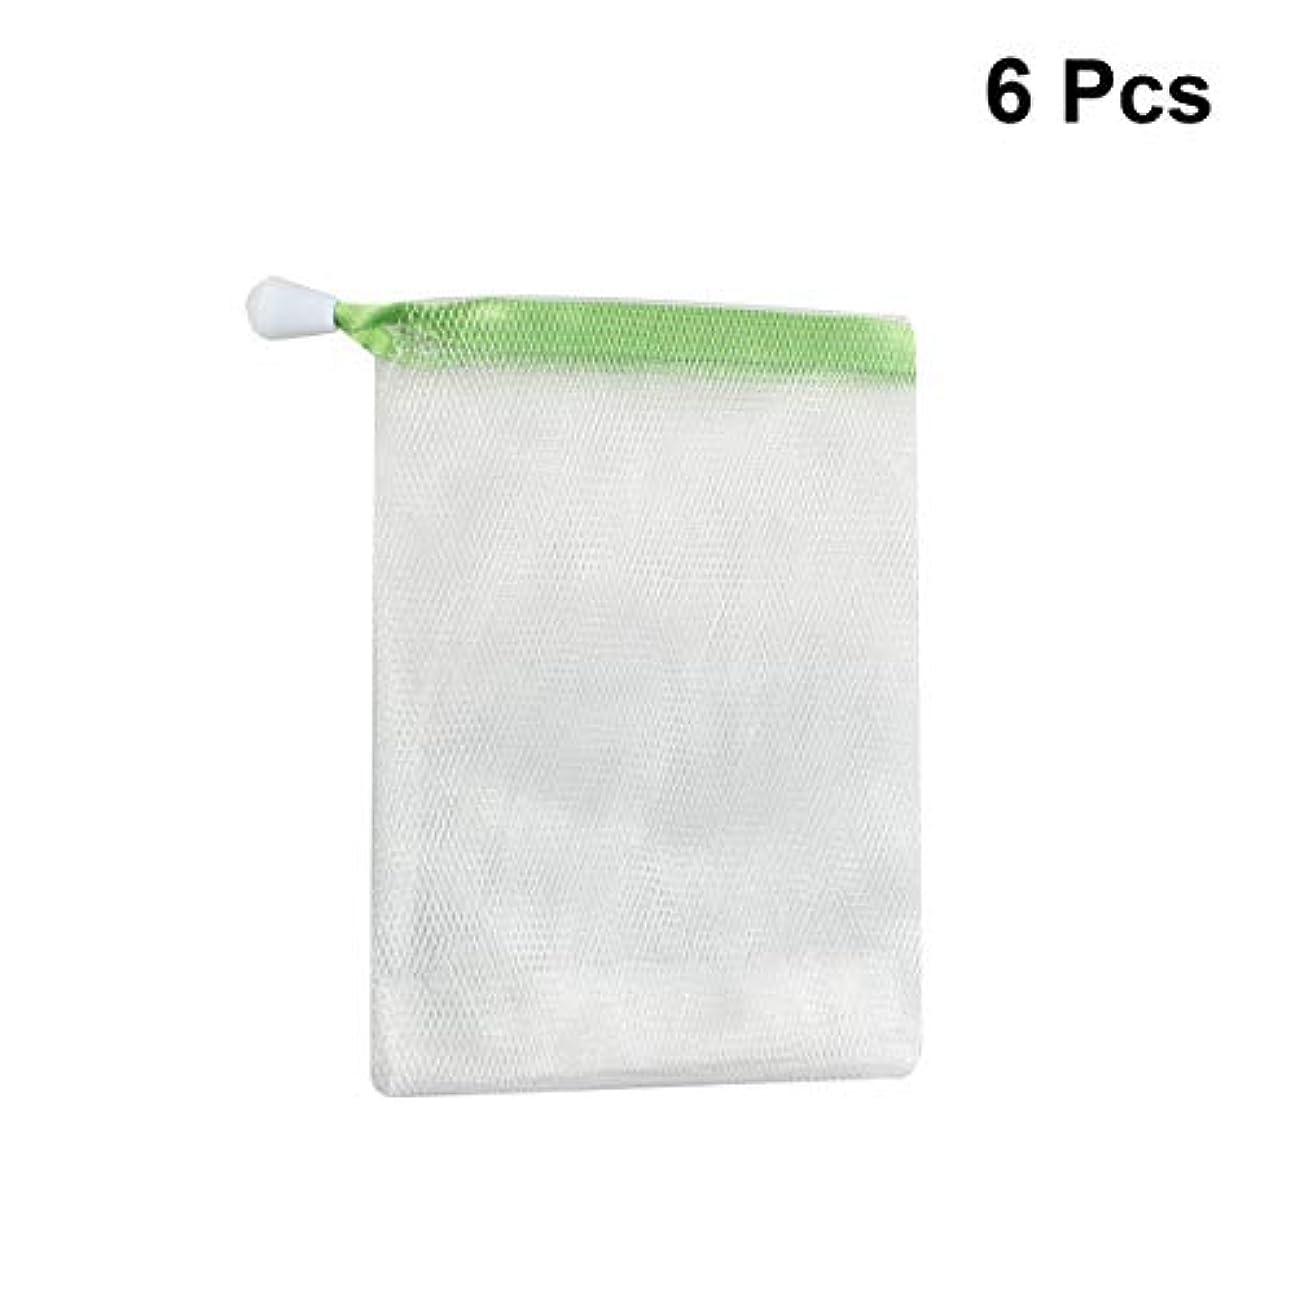 お客様方法論嫌いLurrose 6ピースソープセーバーバッグ手作り石鹸クレンジング発泡ネット洗濯ネットフェイシャルボディクリーニングツール用シャワーフェイシャルクリーニング(ランダムカラー)